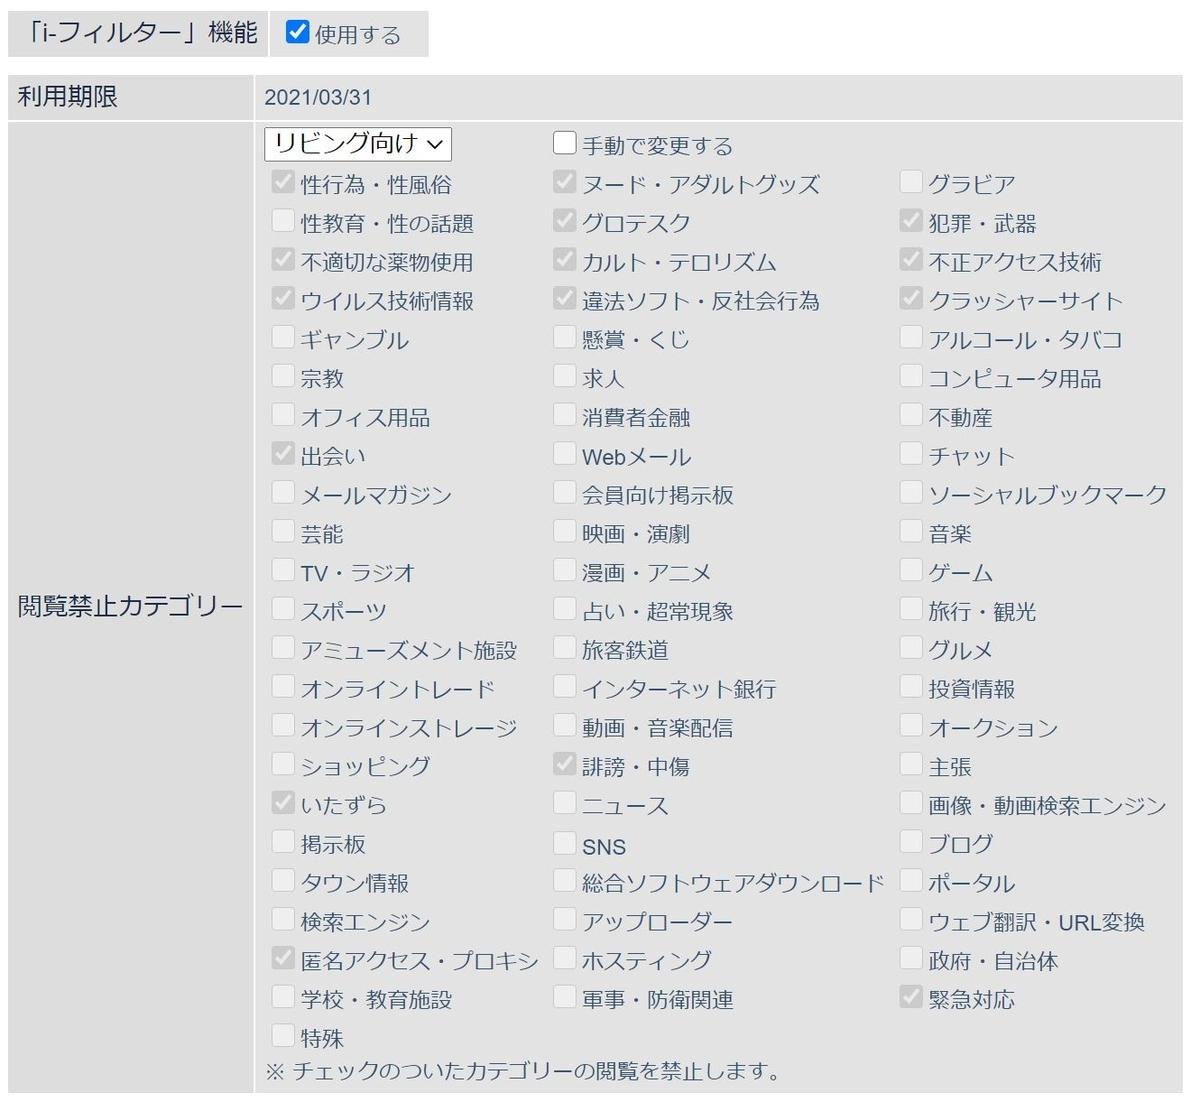 f:id:se-keneconomy:20210130175913j:plain